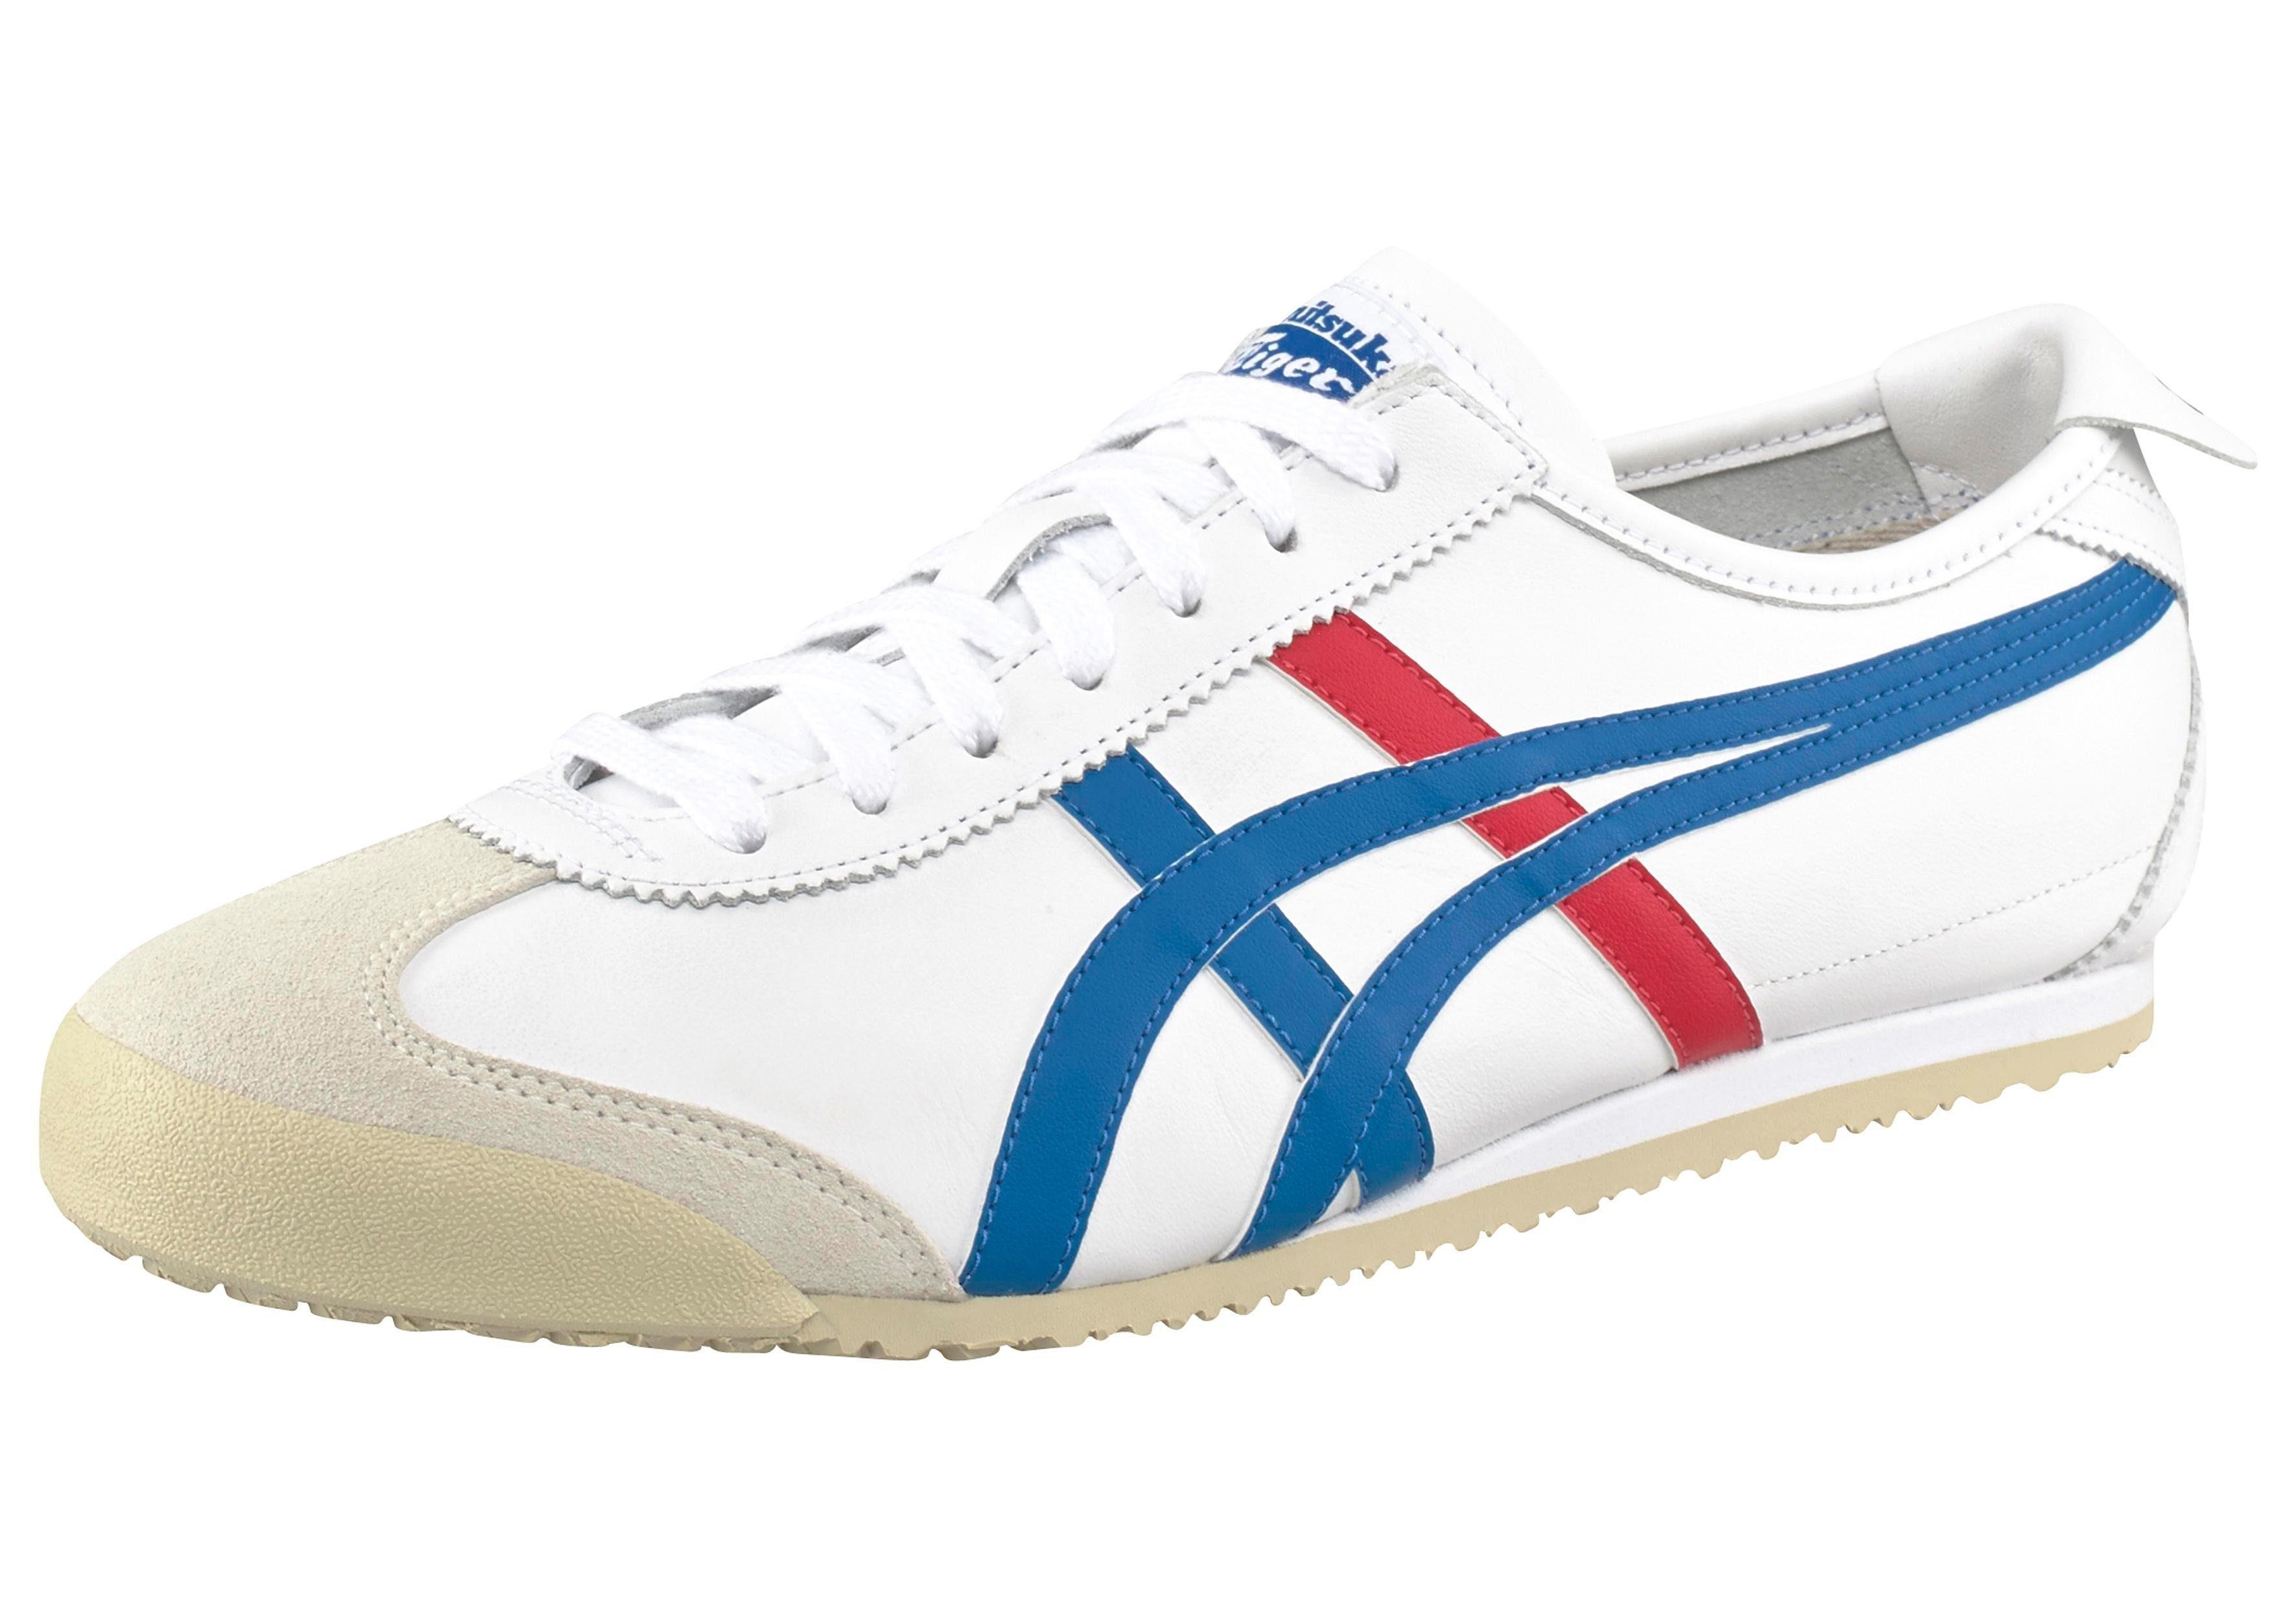 Onitsuka Tiger Mexico 66 Sneaker online kaufen  weiß-blau